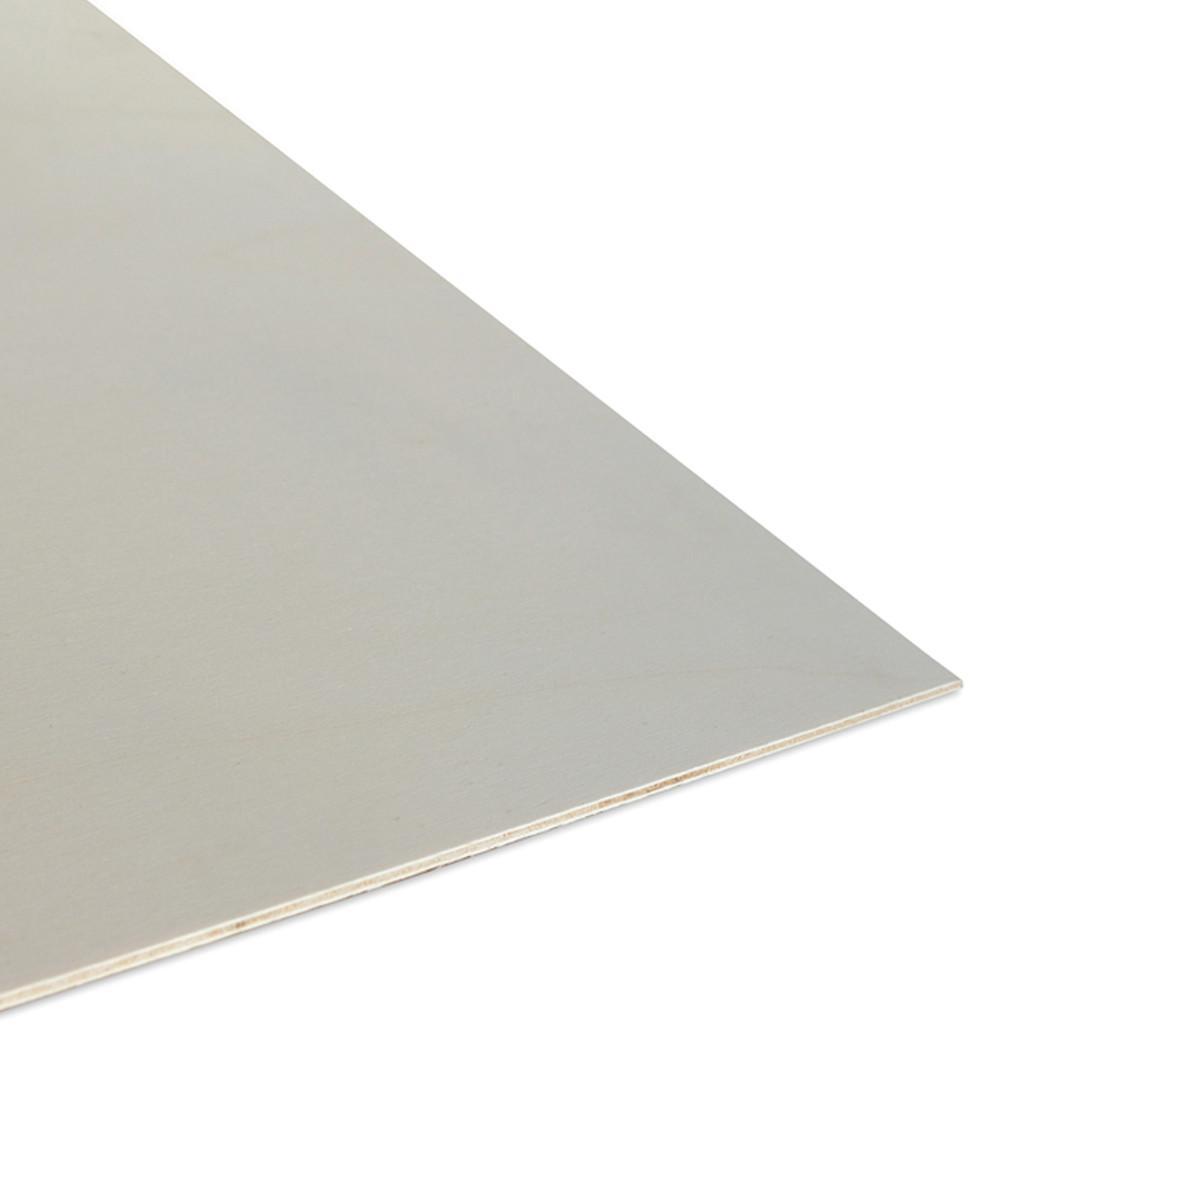 Lastra vetro sintetico trasparente 500 x 250 mm: prezzi e offerte ...